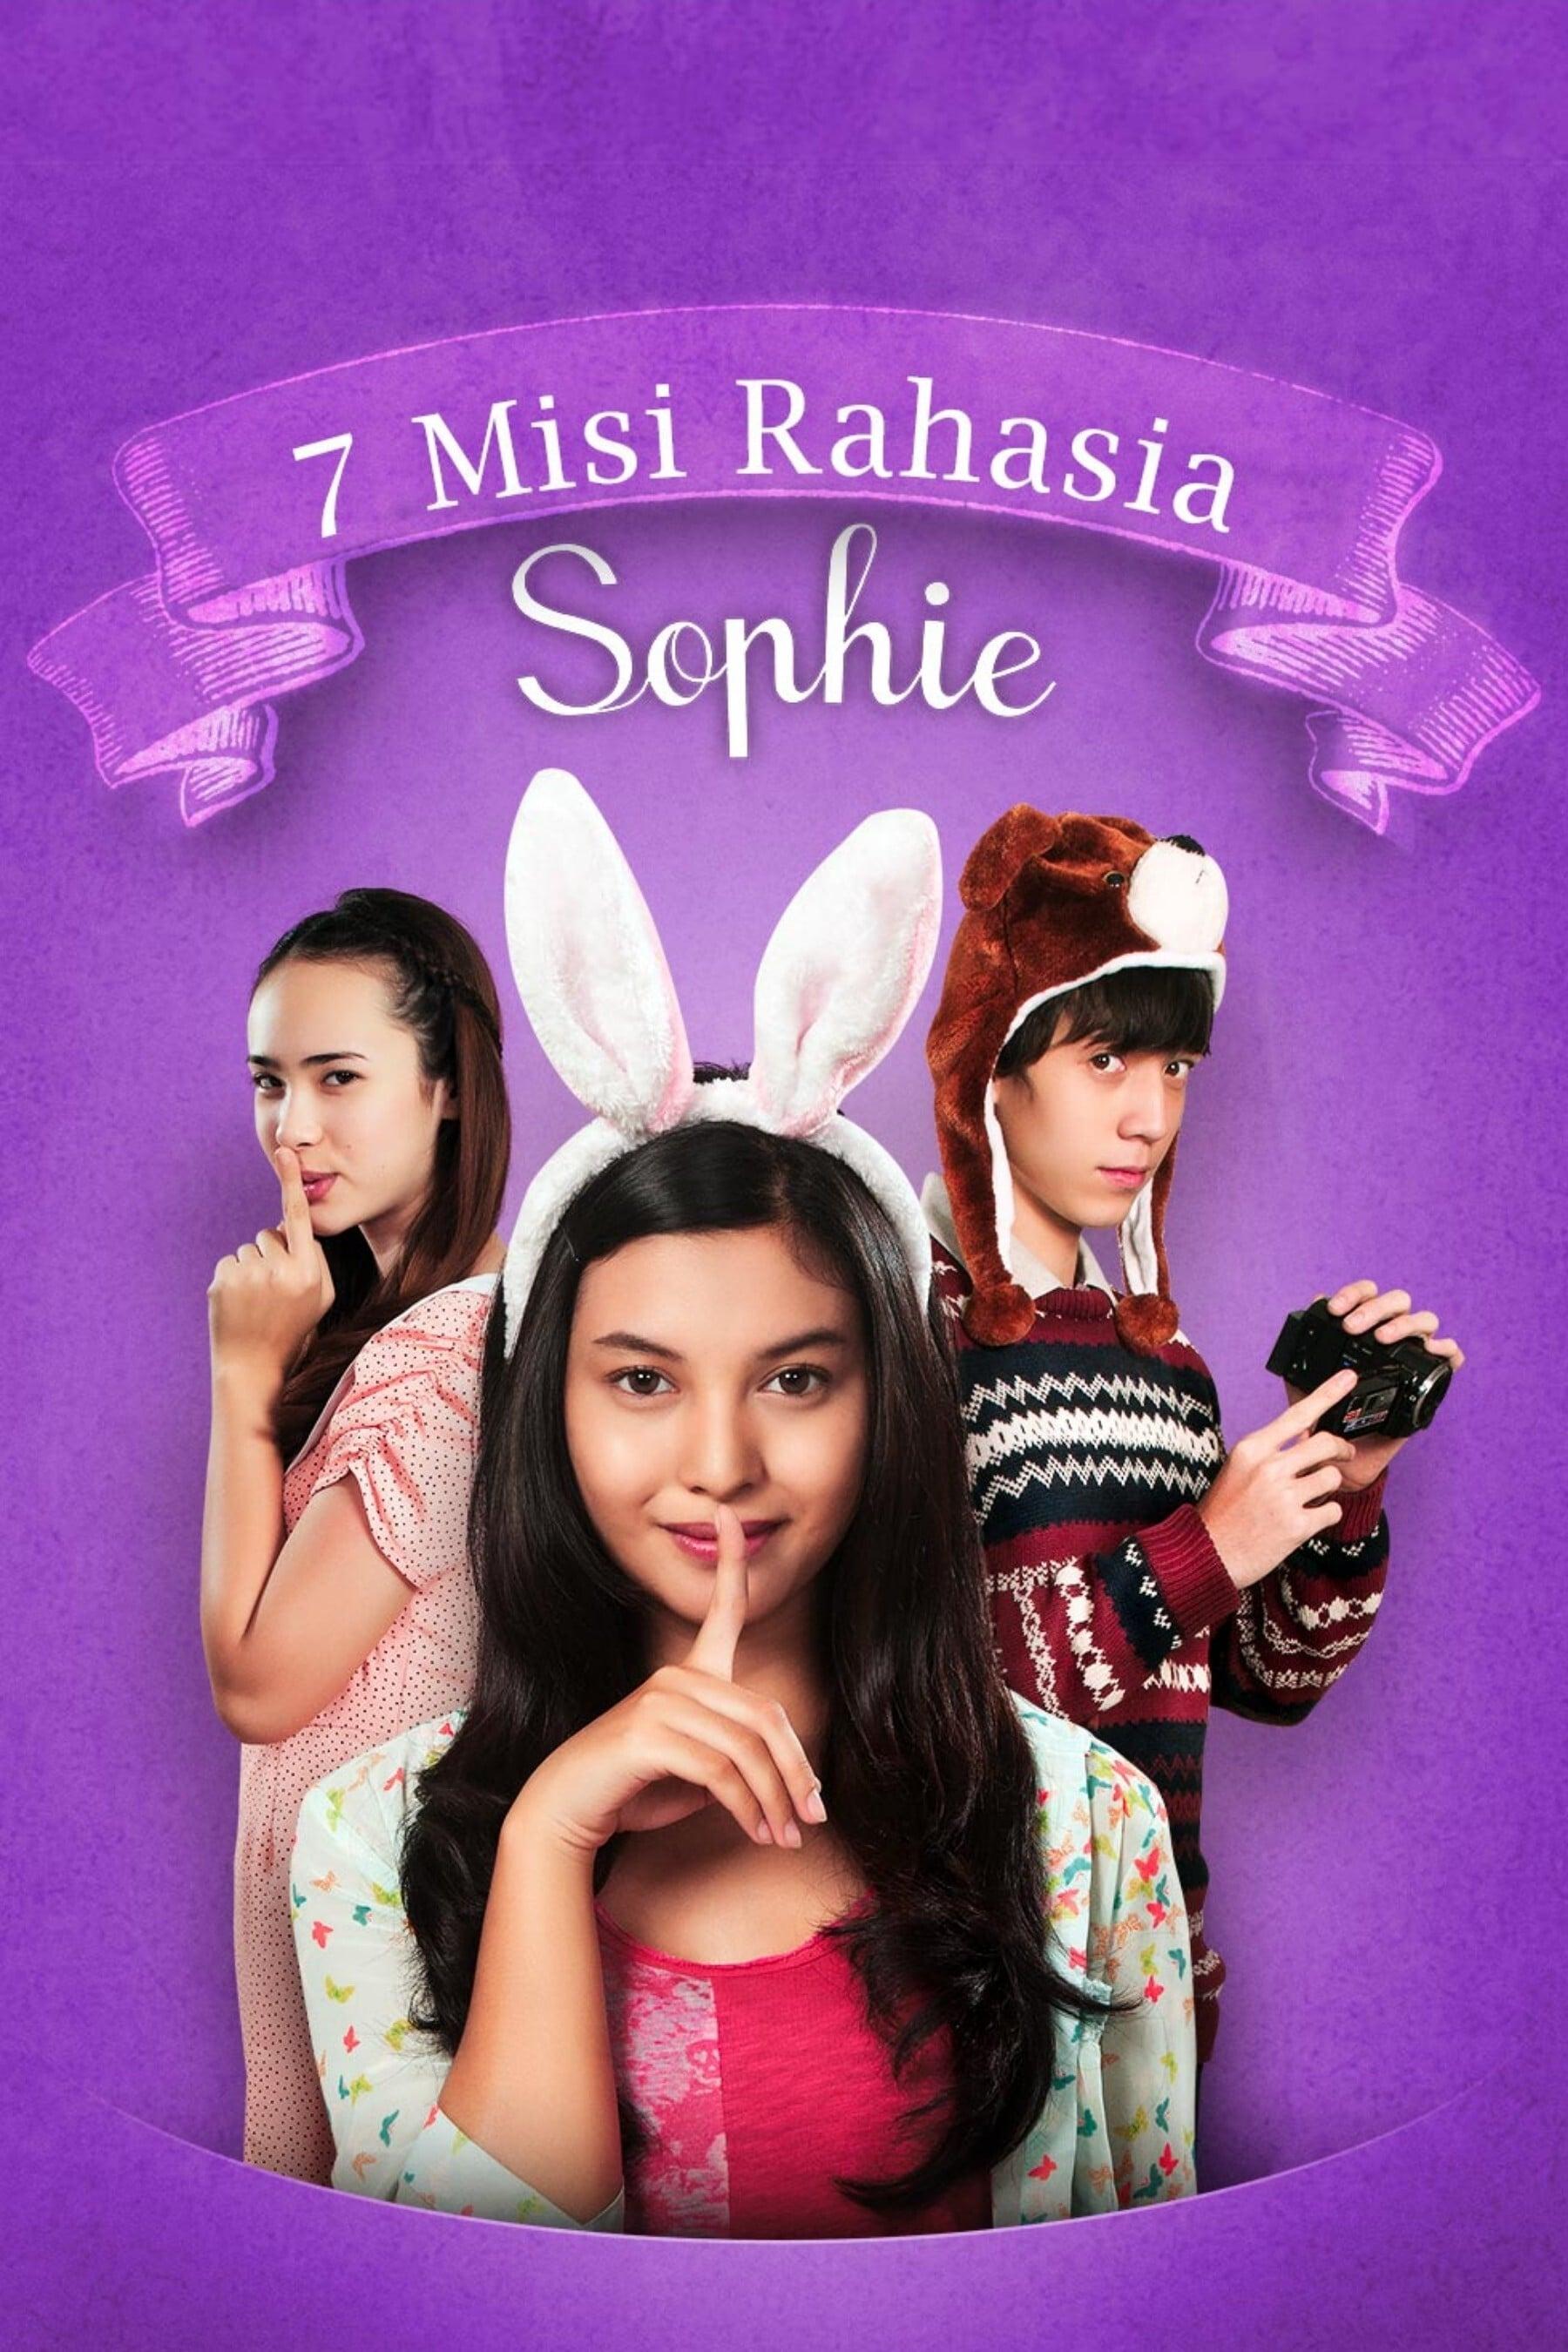 7 Secret Missions Sophie's